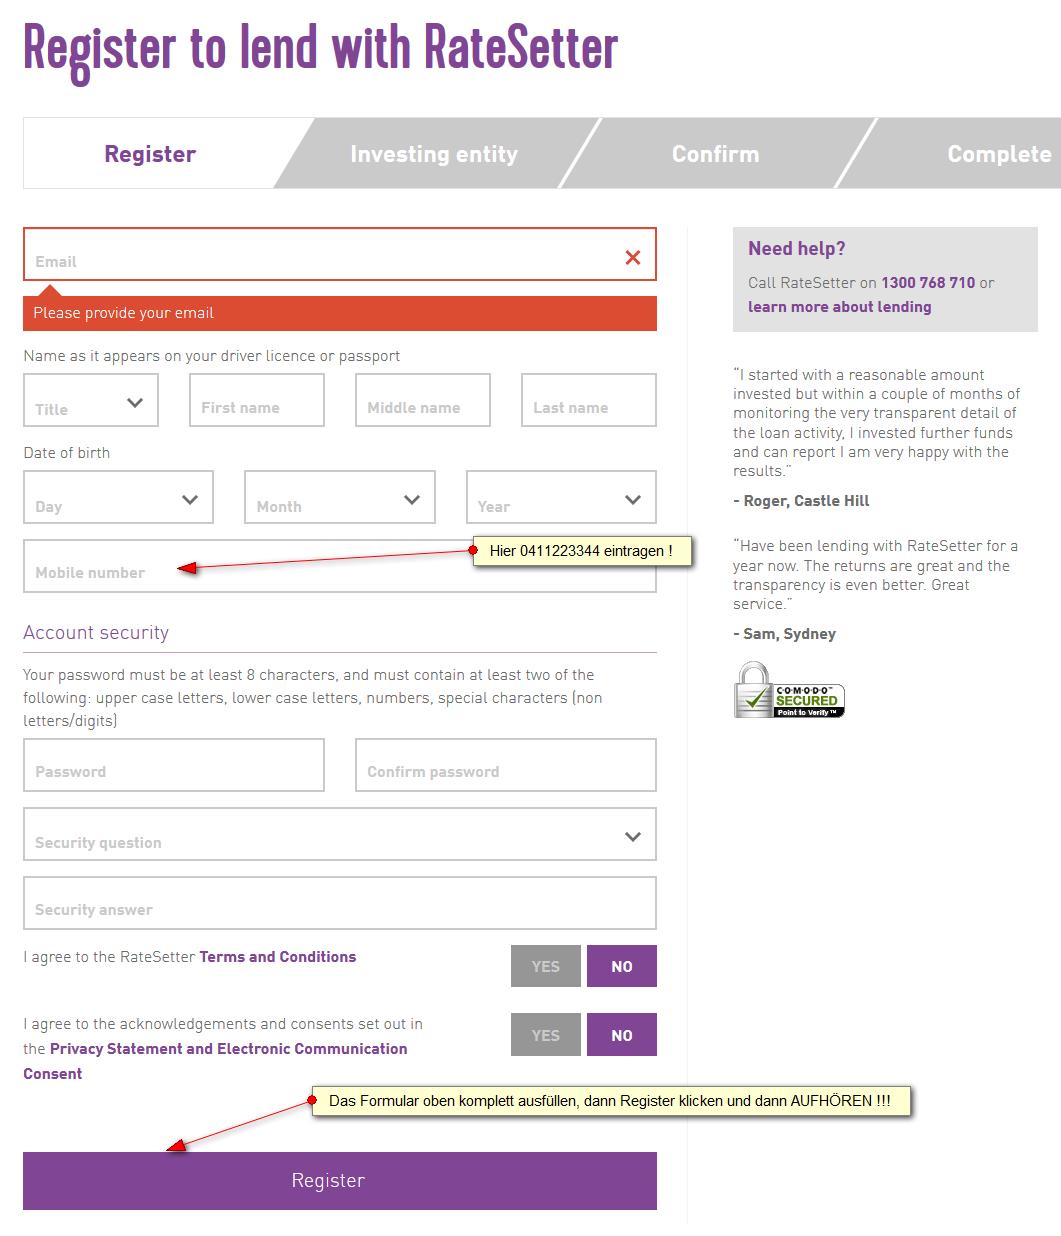 Ratesetter Australien Registrierung